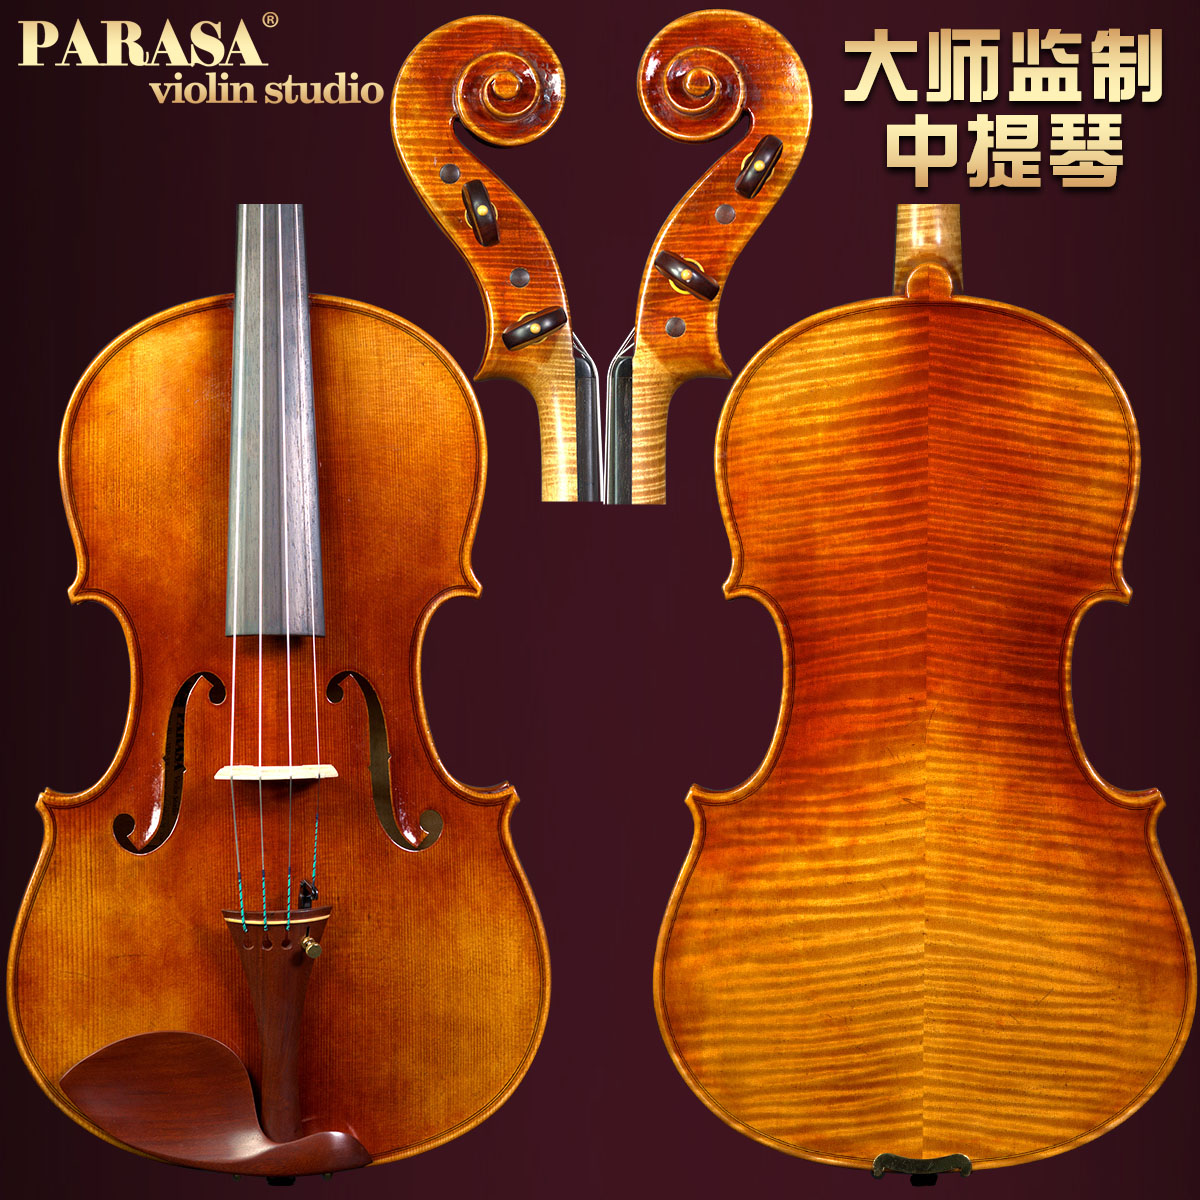 PARASA специальность в скрипка V8 исключительно вручную античный гусли музыка группа один играть уровень играя звук хороший цвет балка летописи вереск руководитель система